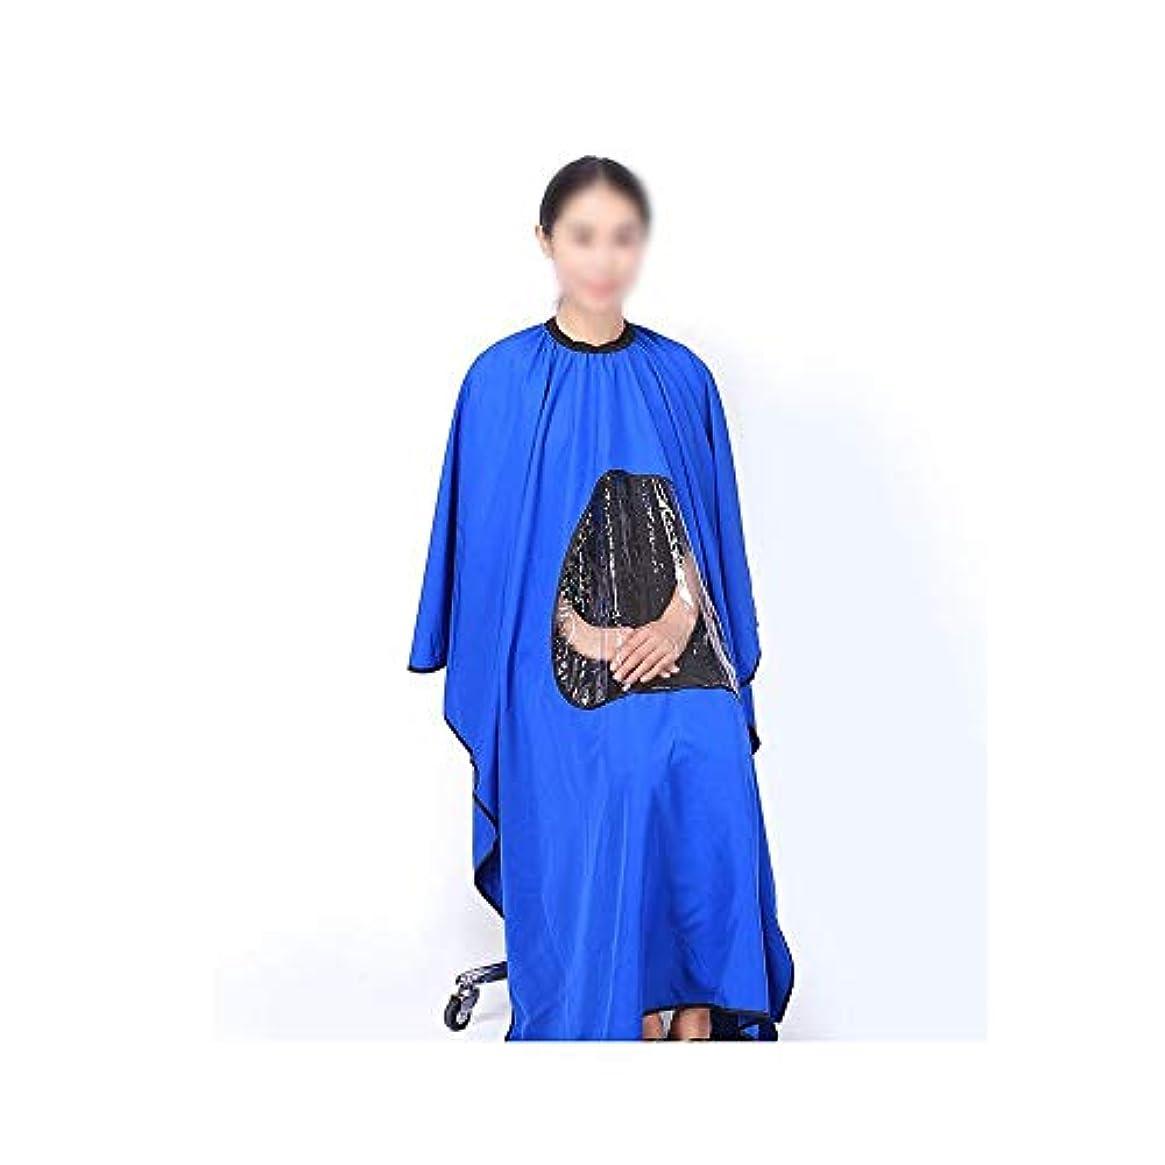 小包士気広大な黒い理髪ケープ布全身サロン髪カットガウン ヘアケア (色 : 青)